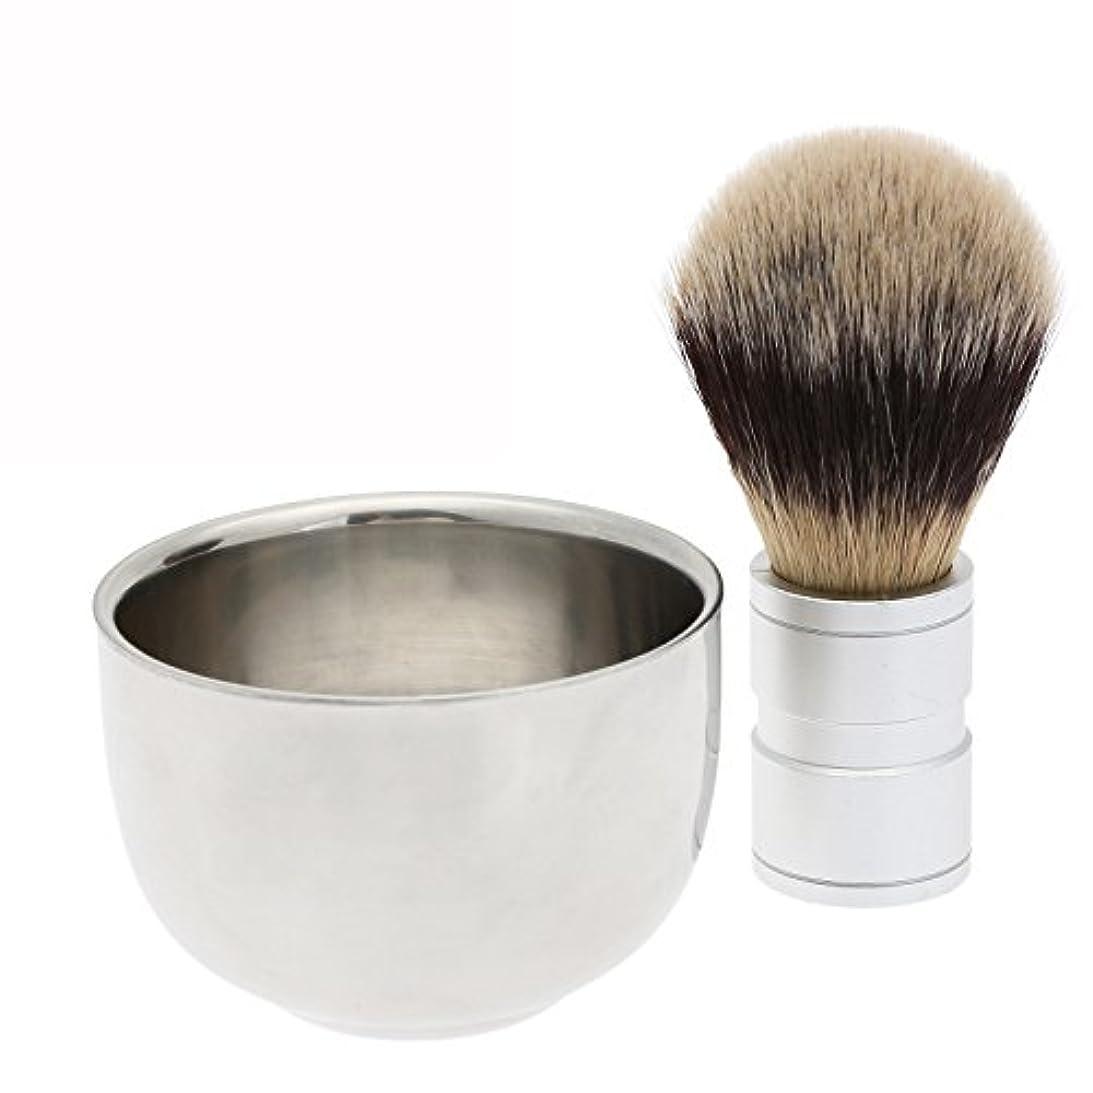 効率的列車大陸2PC/セット メンズシェービング用 シェービングブラシ +ステンレス鋼のボウルマグカップ ギフト 理容 洗顔 髭剃り